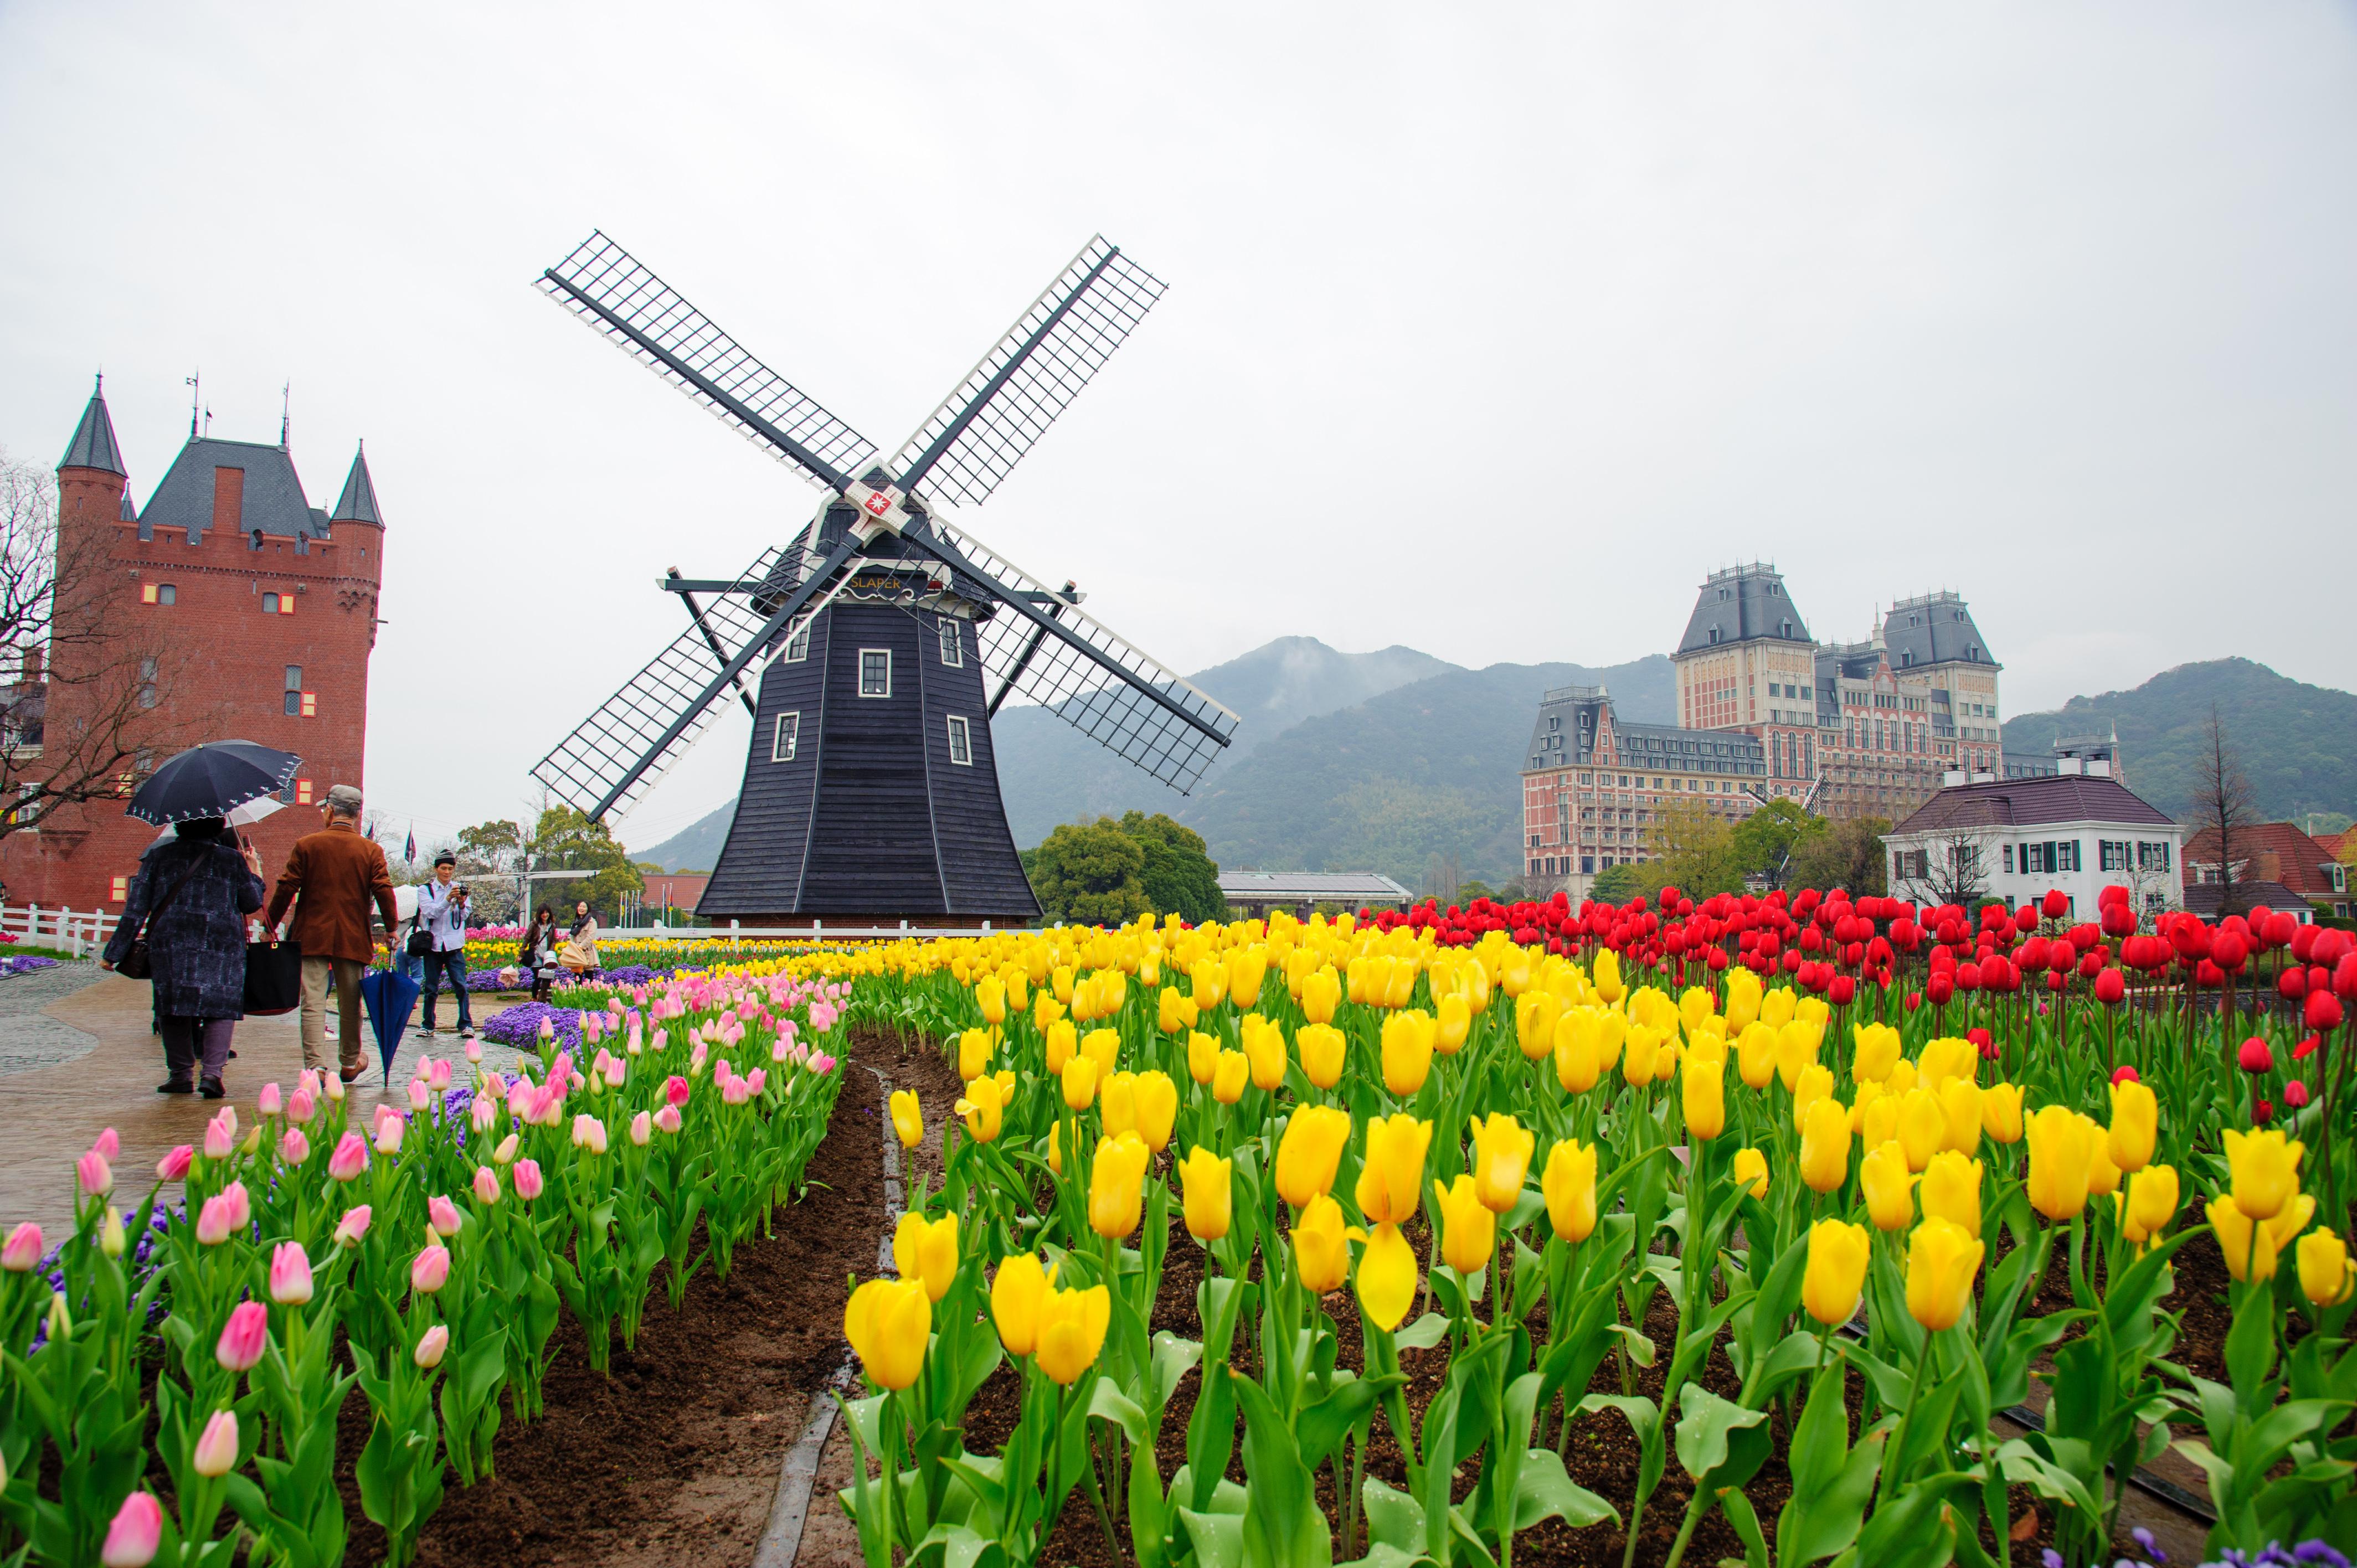 风车和遍地綻放的郁金香,是豪斯登堡春季的代表性风景。